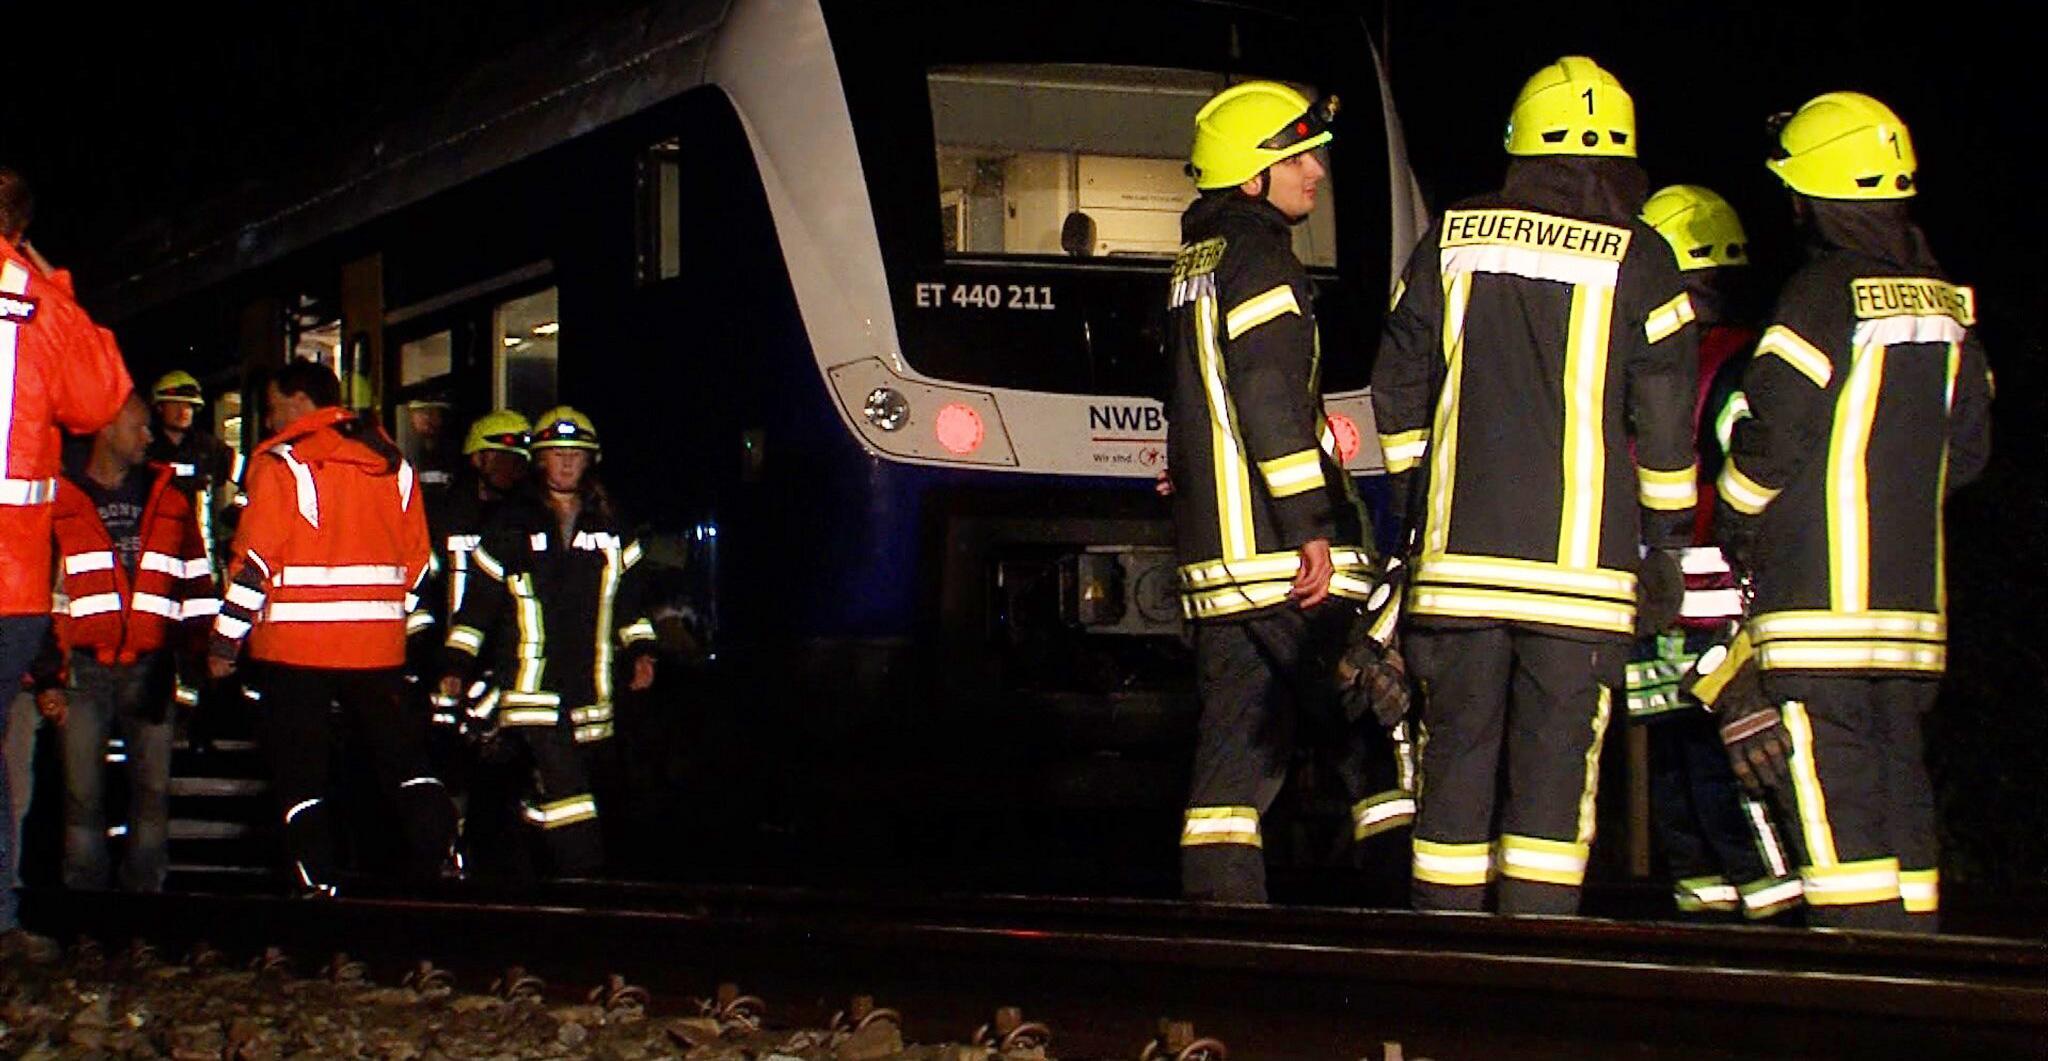 Bild zu Zugausfälle nachSturm in Norddeutschland